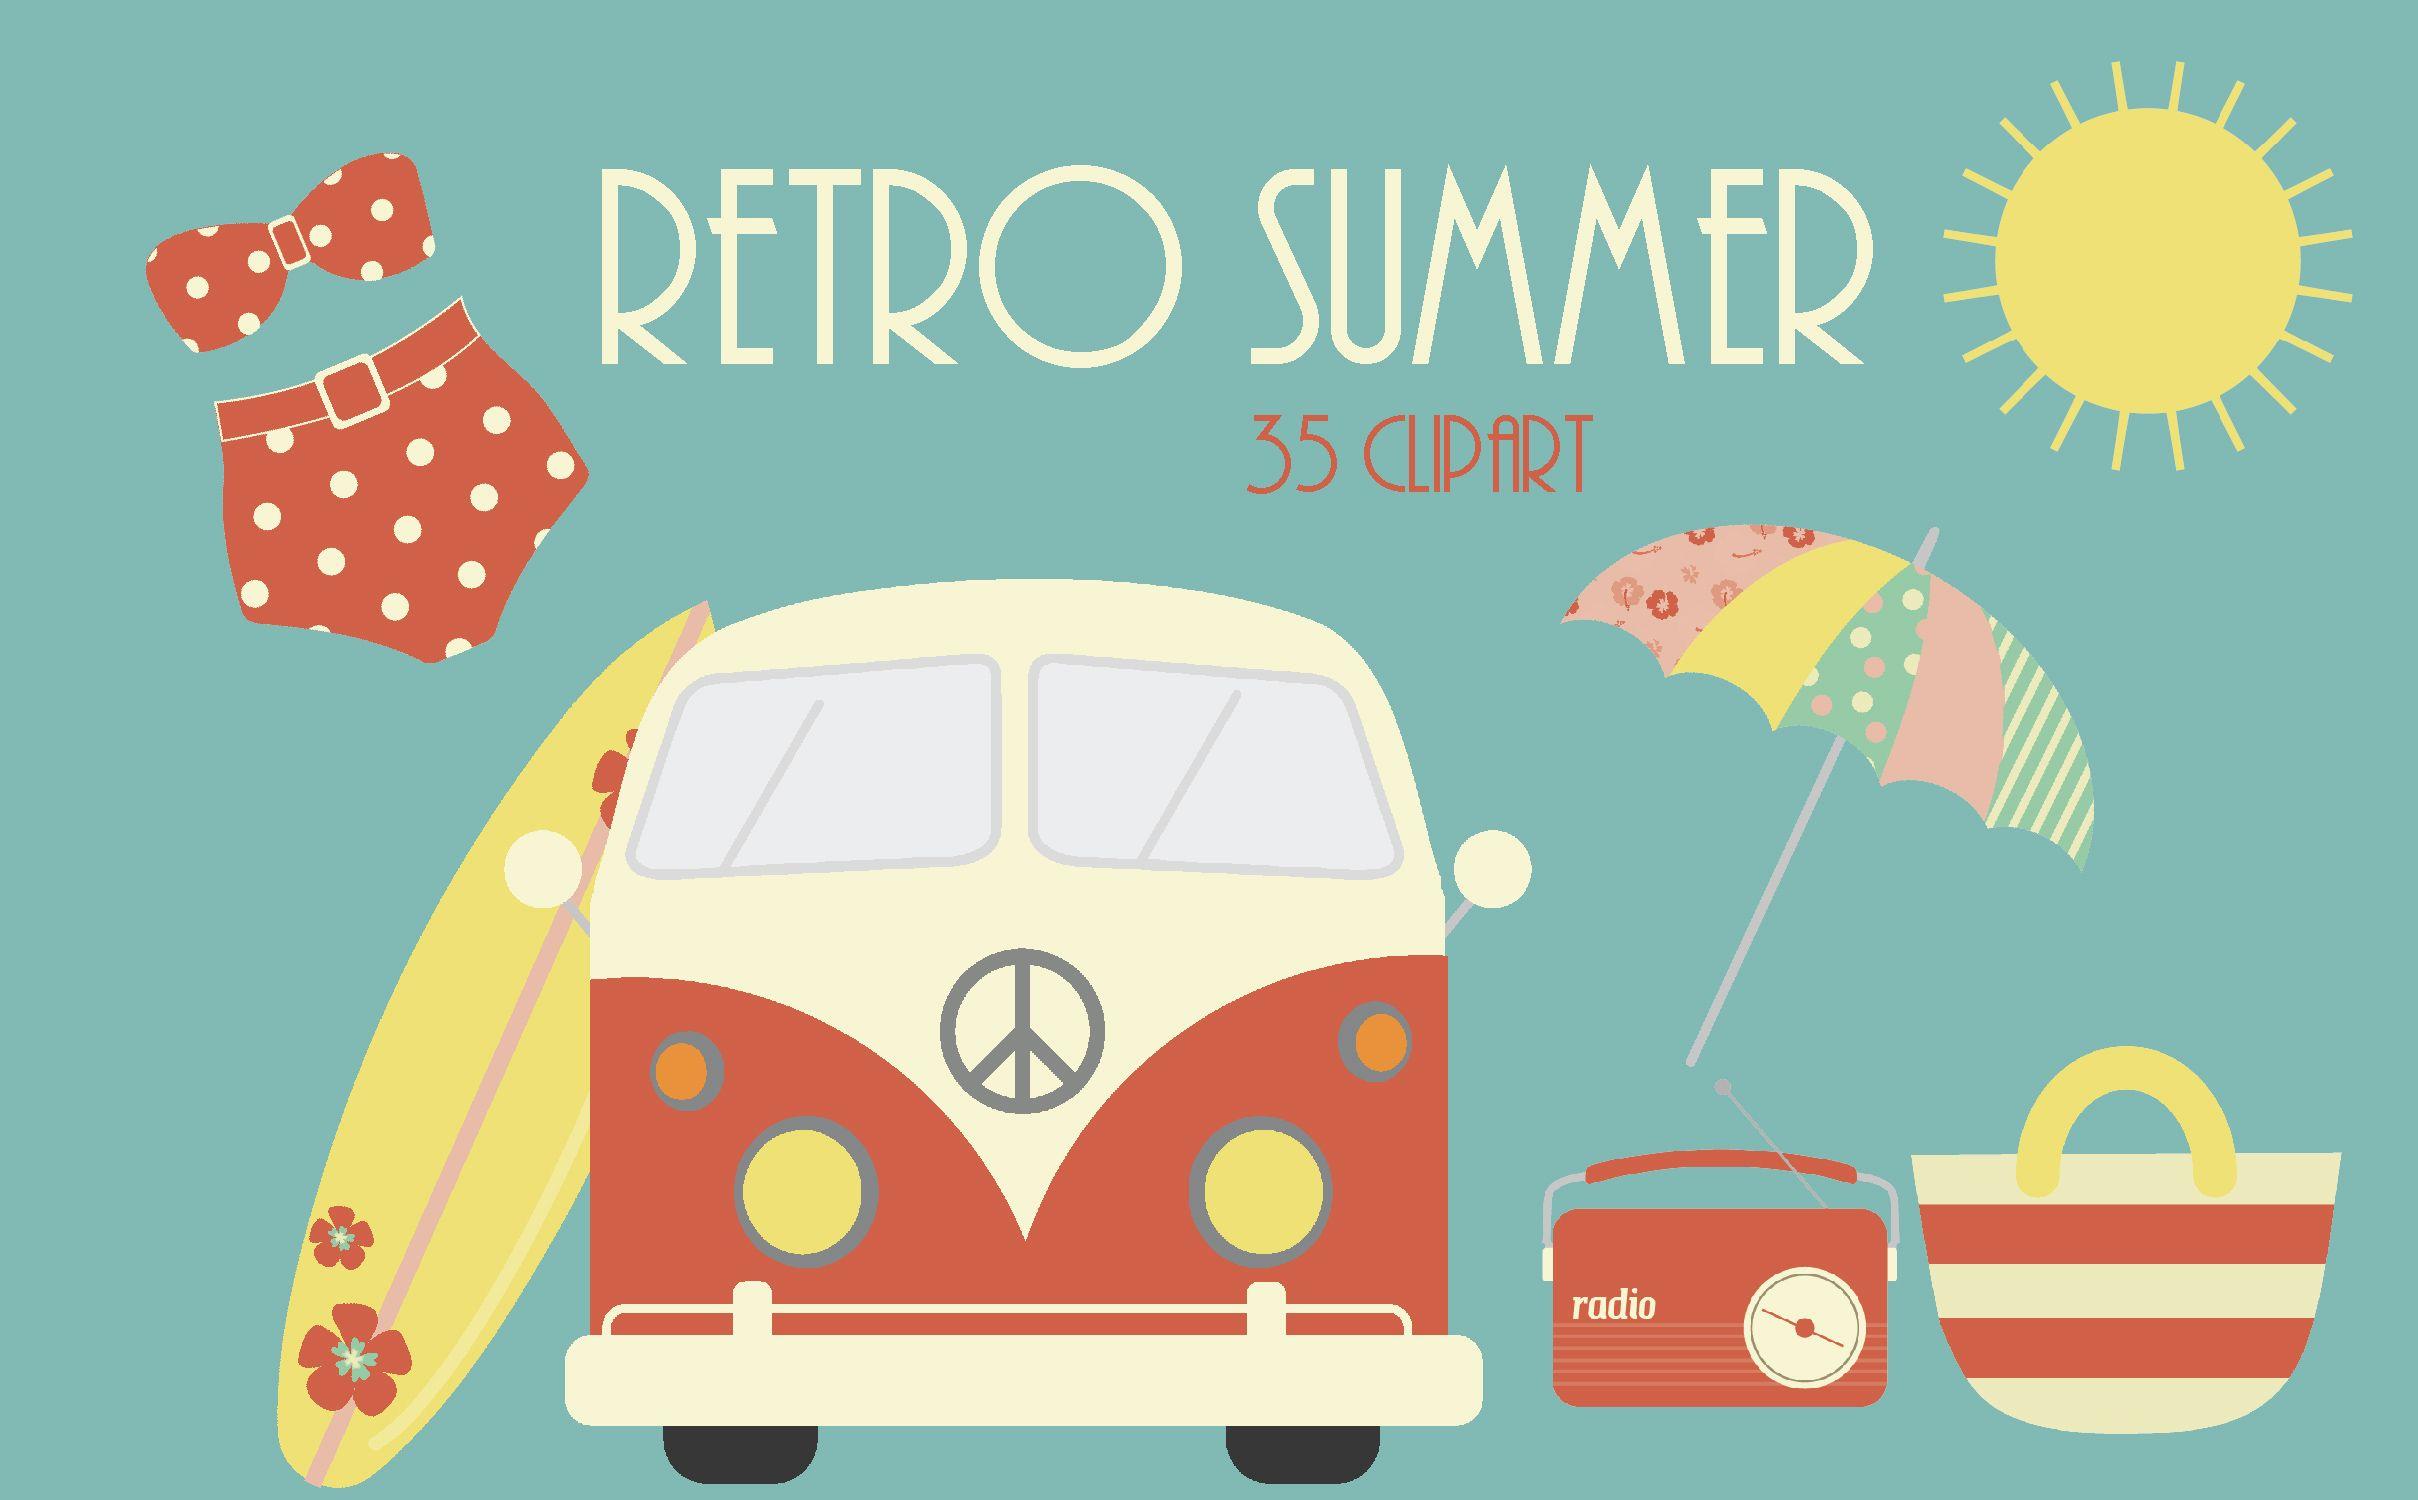 Retro Summer.